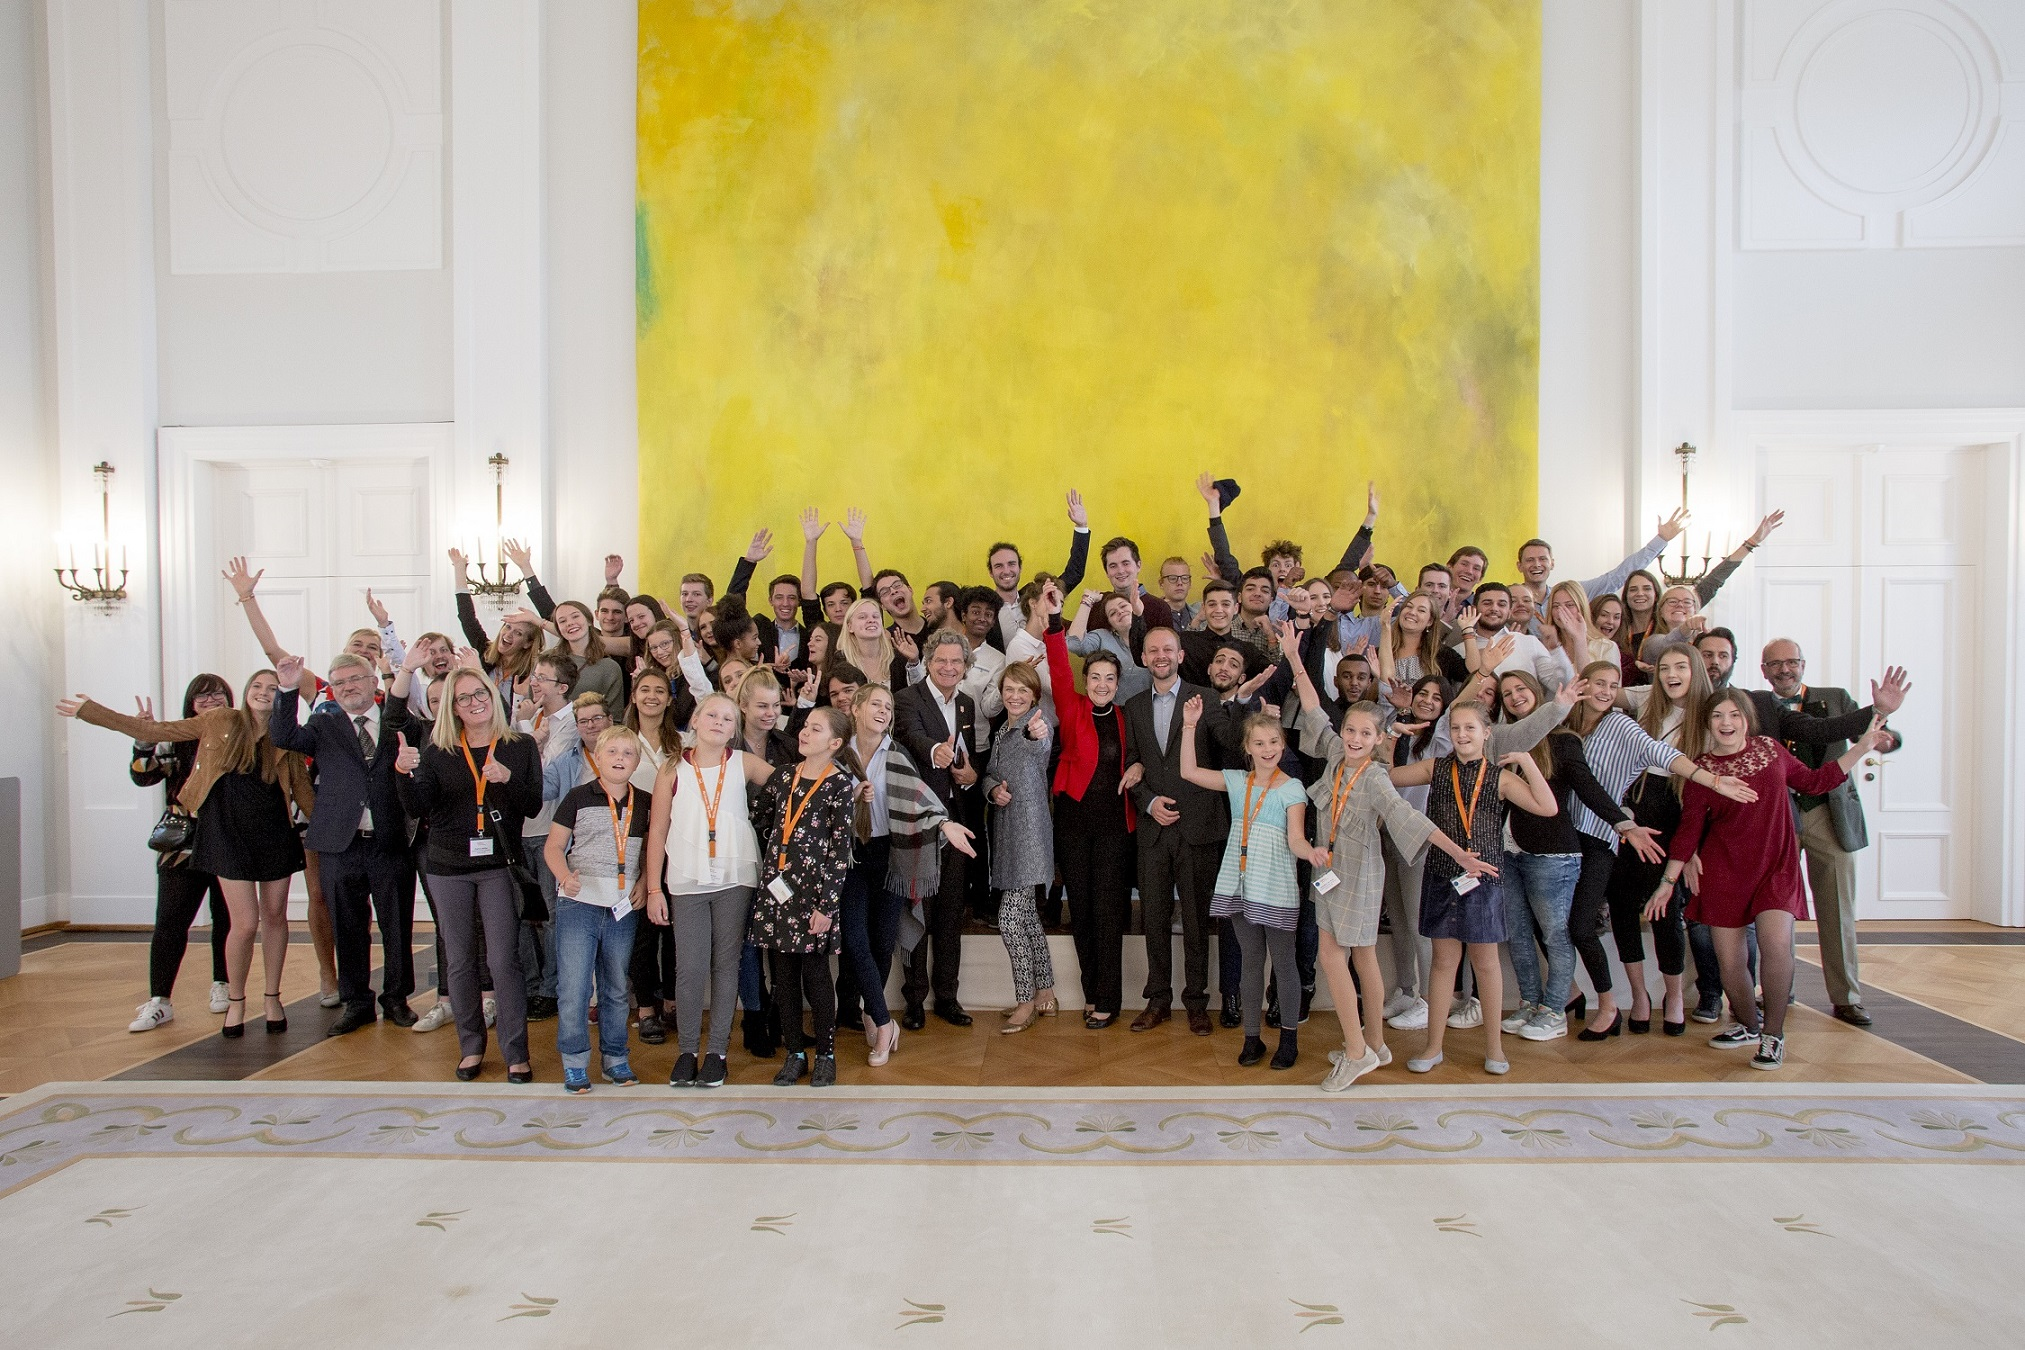 Die jungen Sieger*innen 2018 beim feierlichen Empfang in Schloss Bellevue.